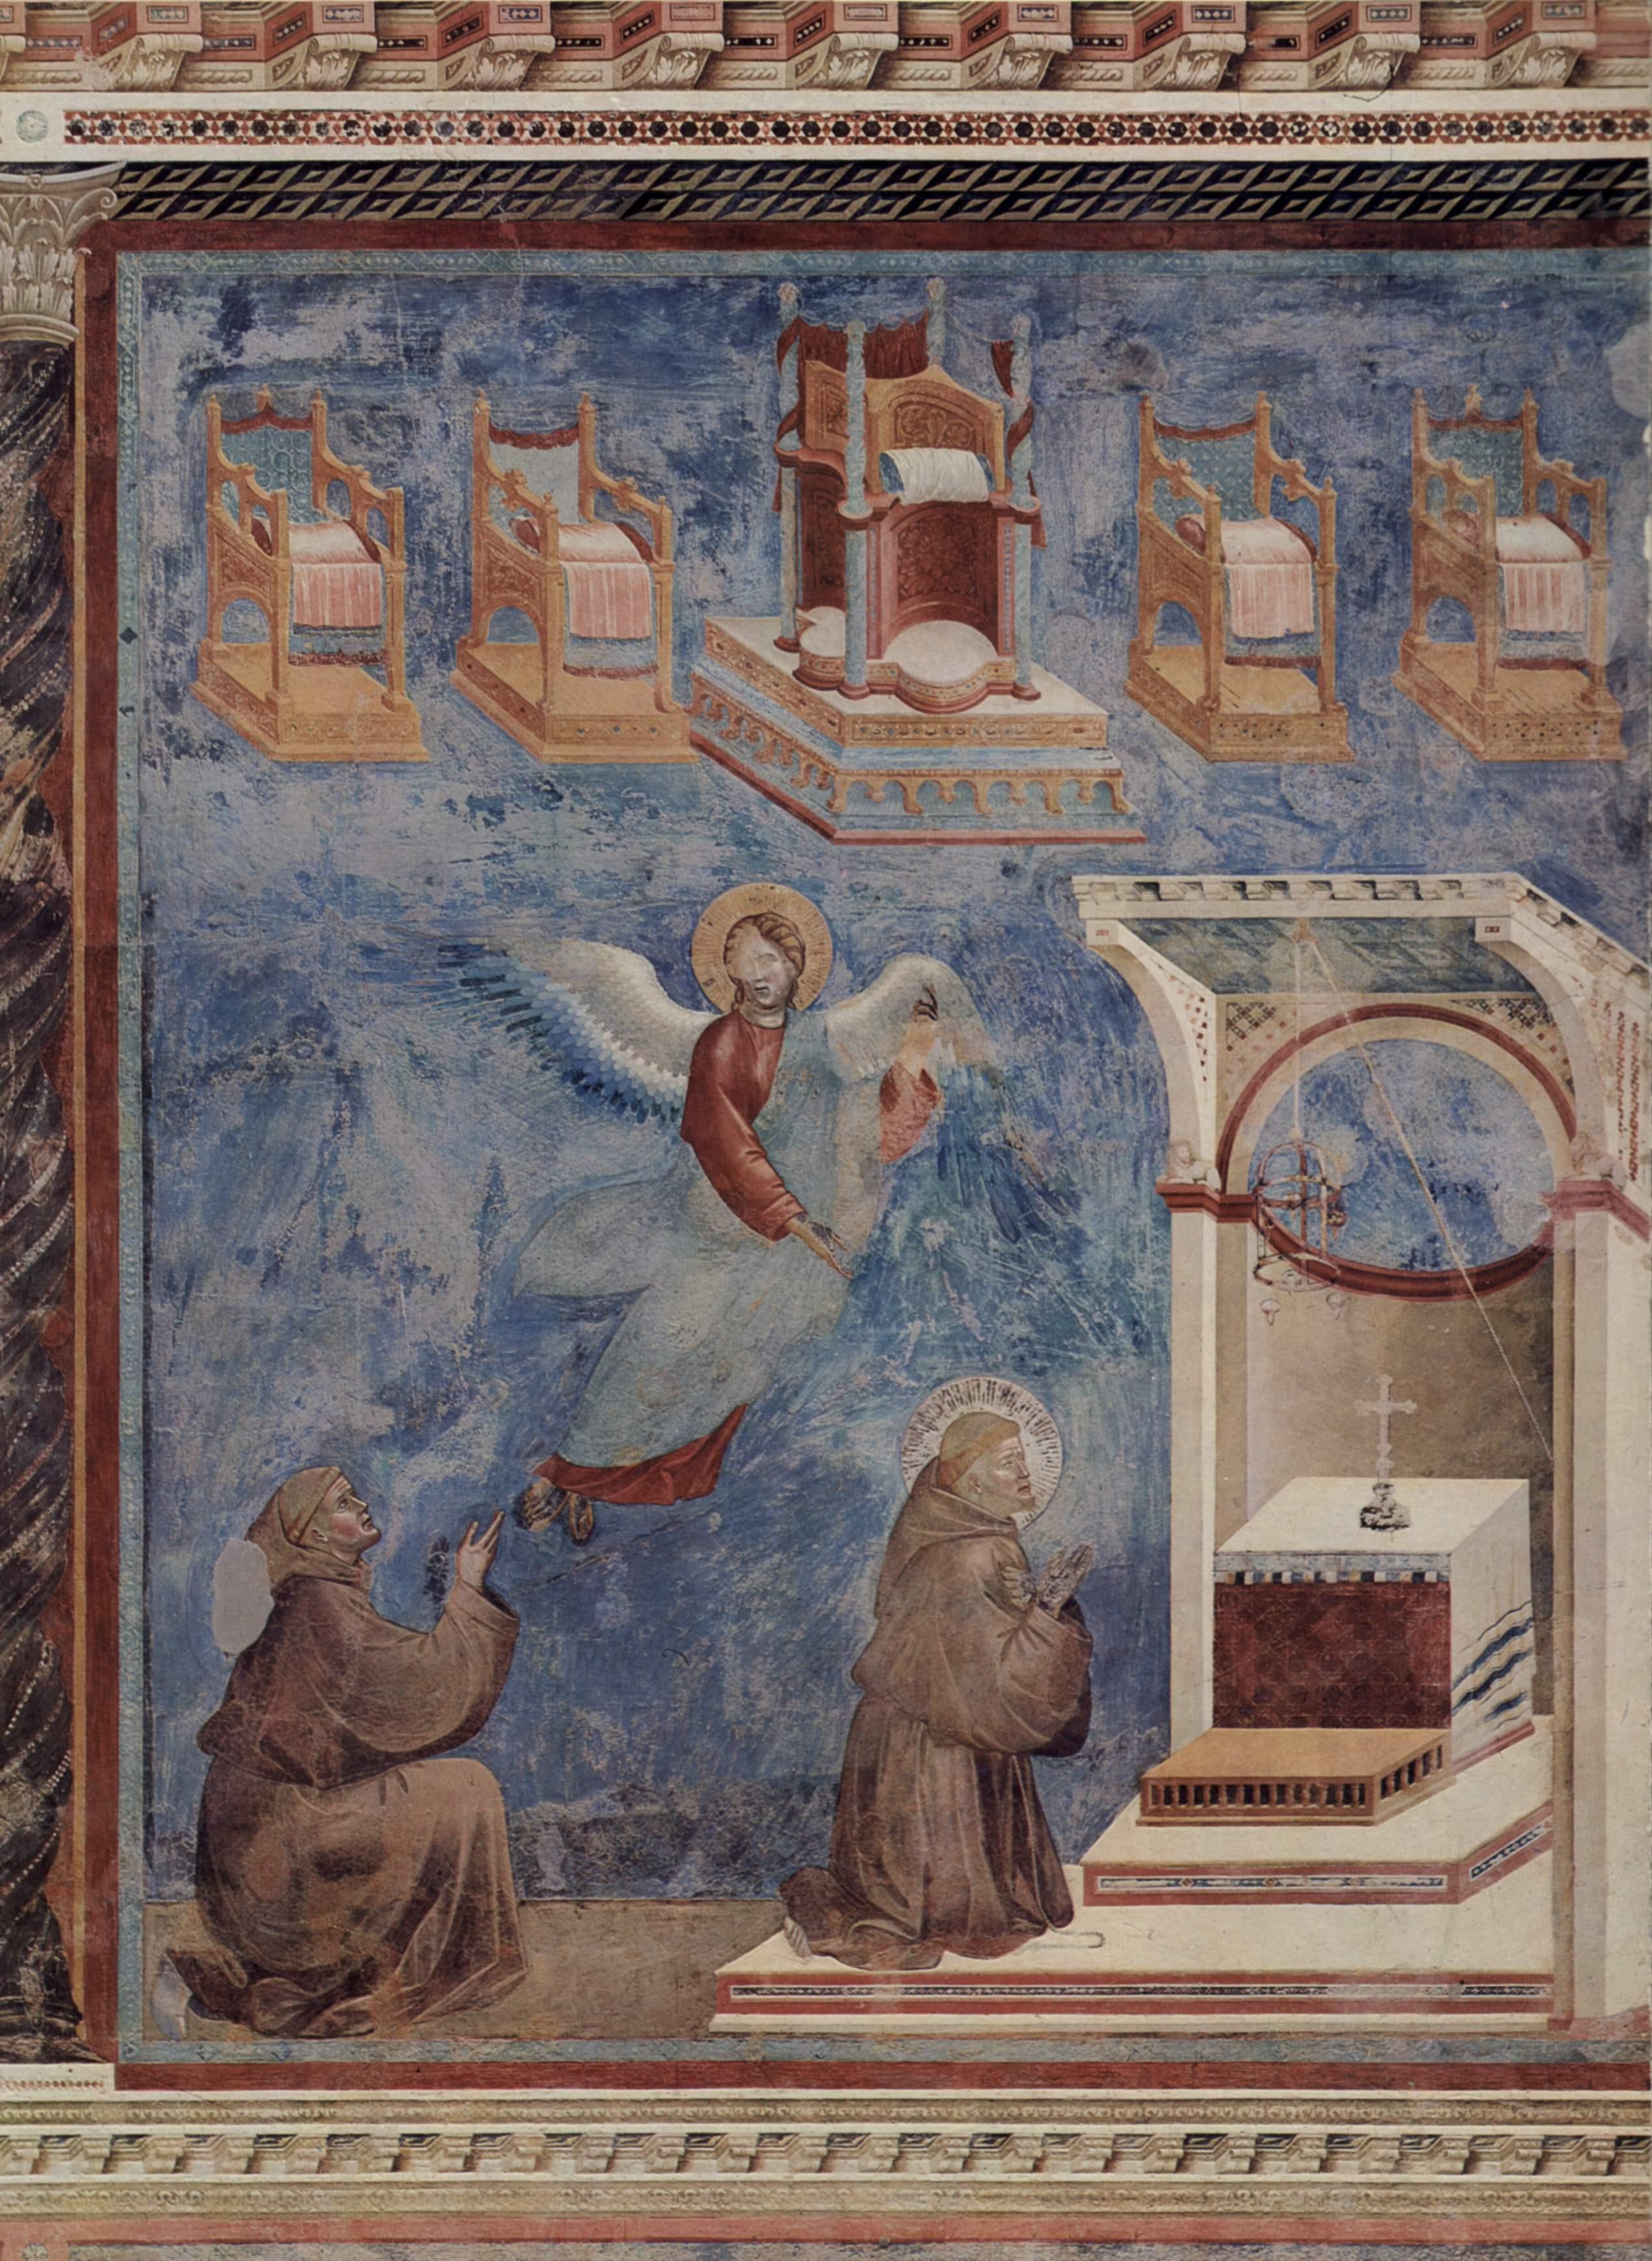 Цикл фресок о жизни св. Франциска Ассизского. Видение престола, Джотто ди Бондоне